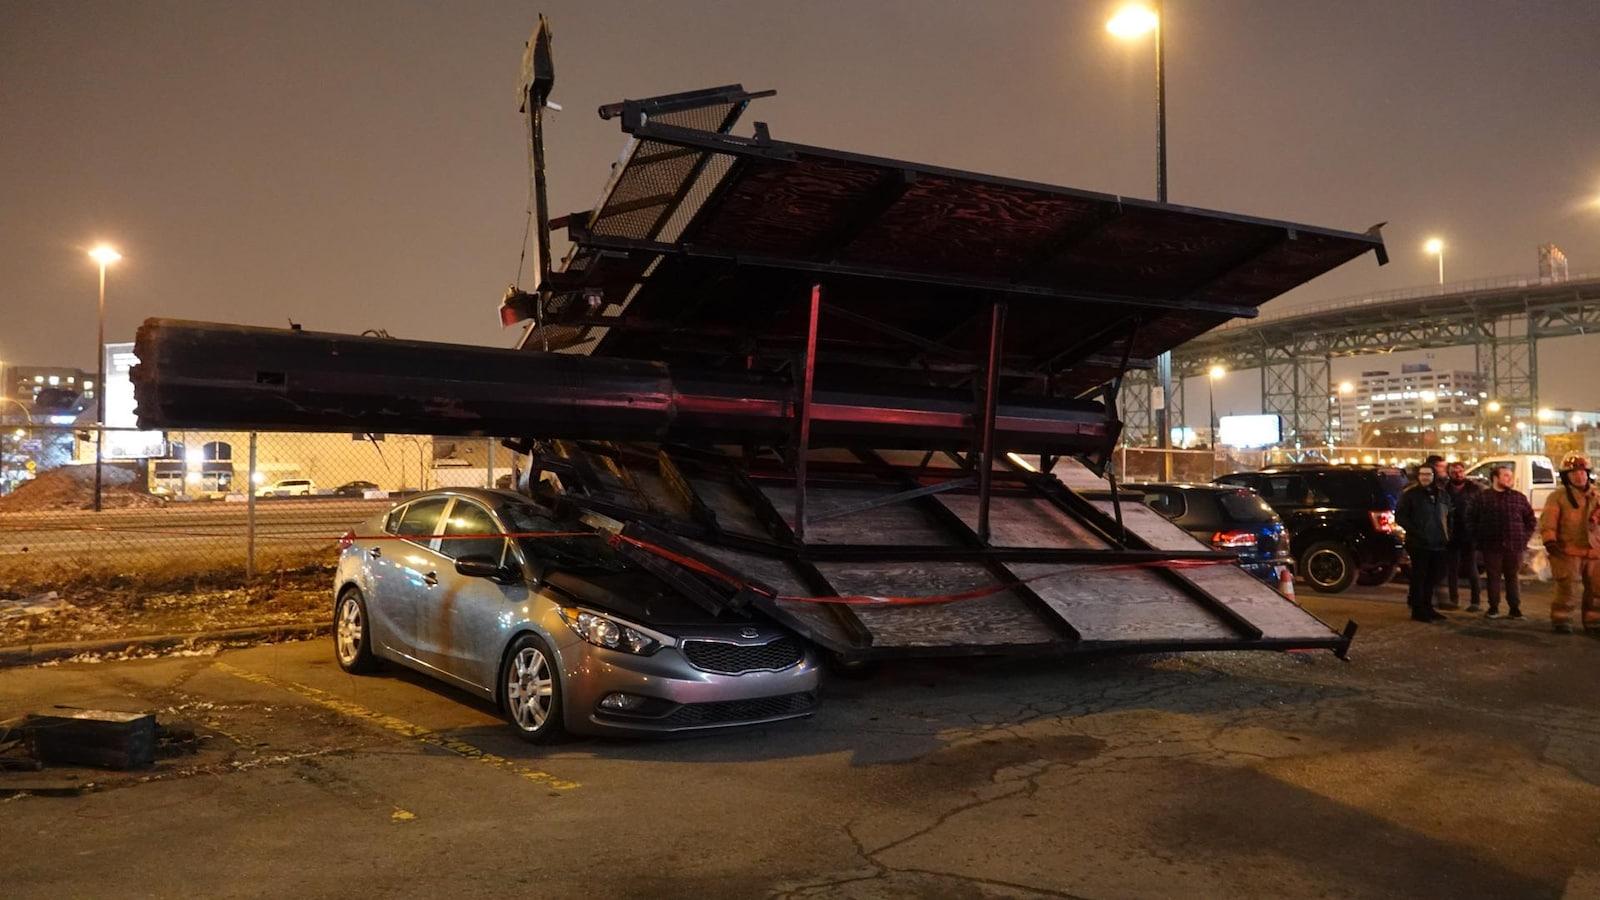 Des véhicules écrasés par la chute d'un panneau d'affichage.